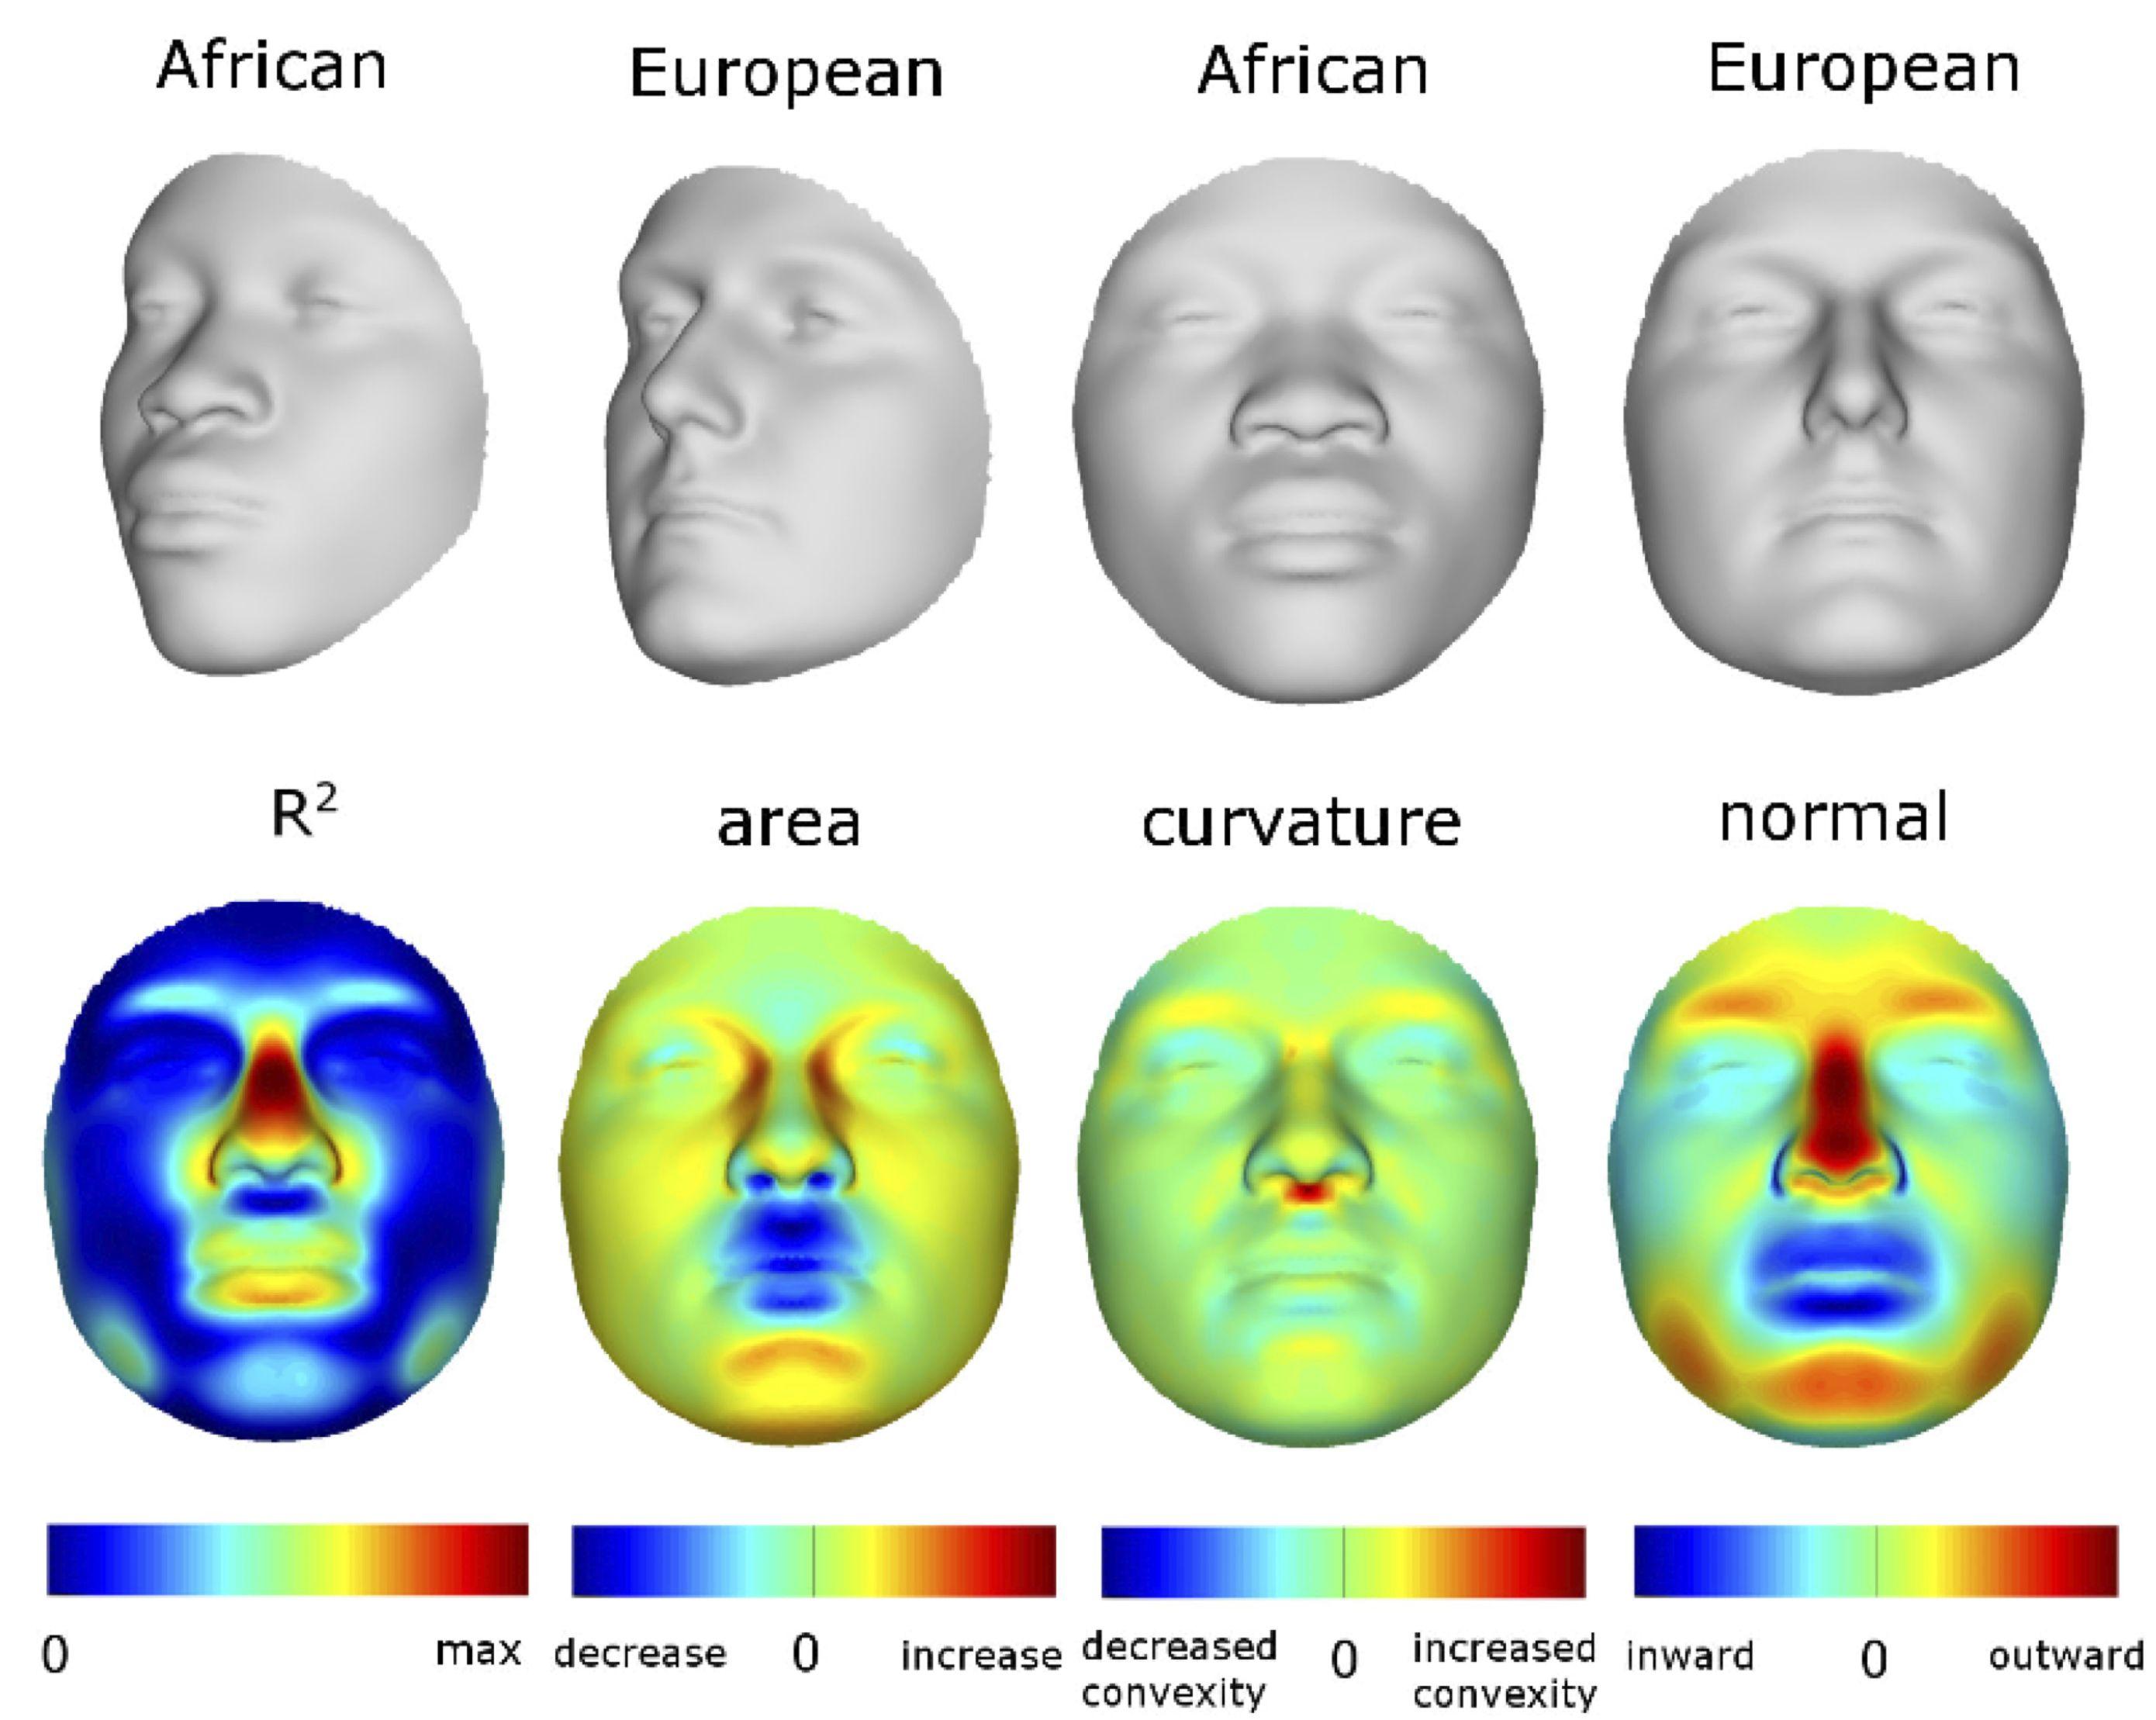 European Facial Description